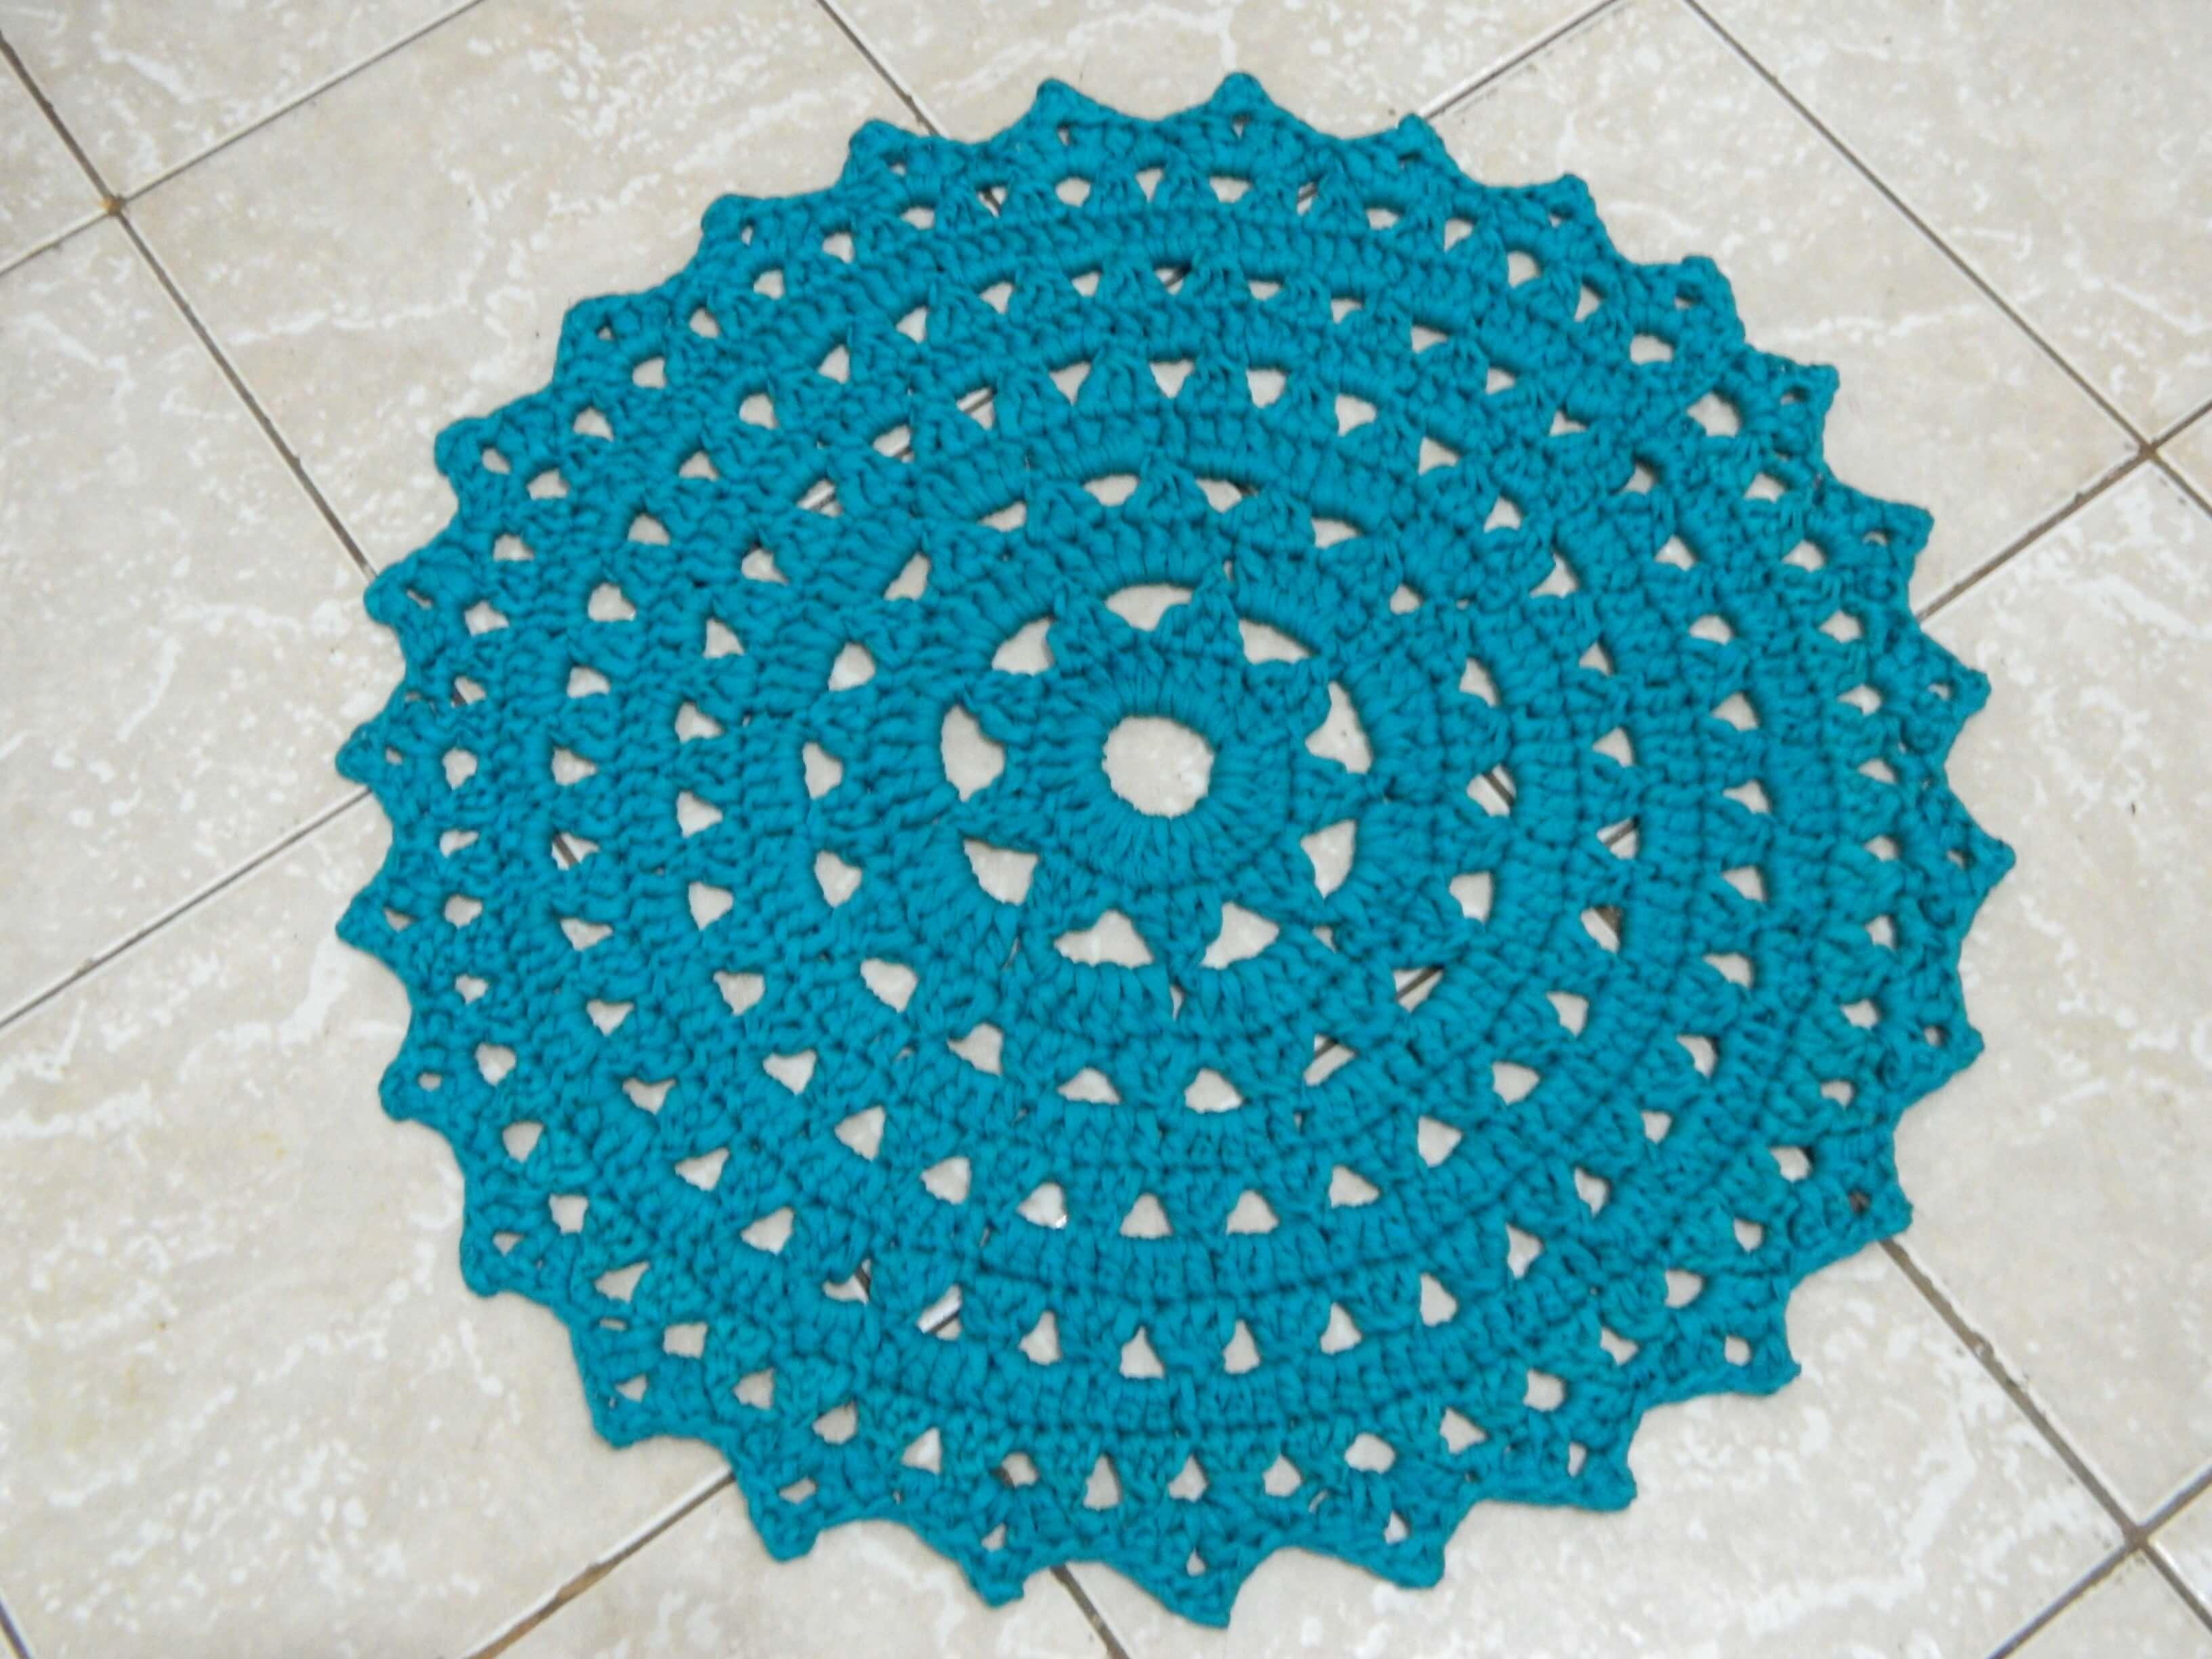 Gr Fico Tapete De Croch Redondo Modelos E Passo A Passo Jet Dicas -> Fotos De Tapete De Croche